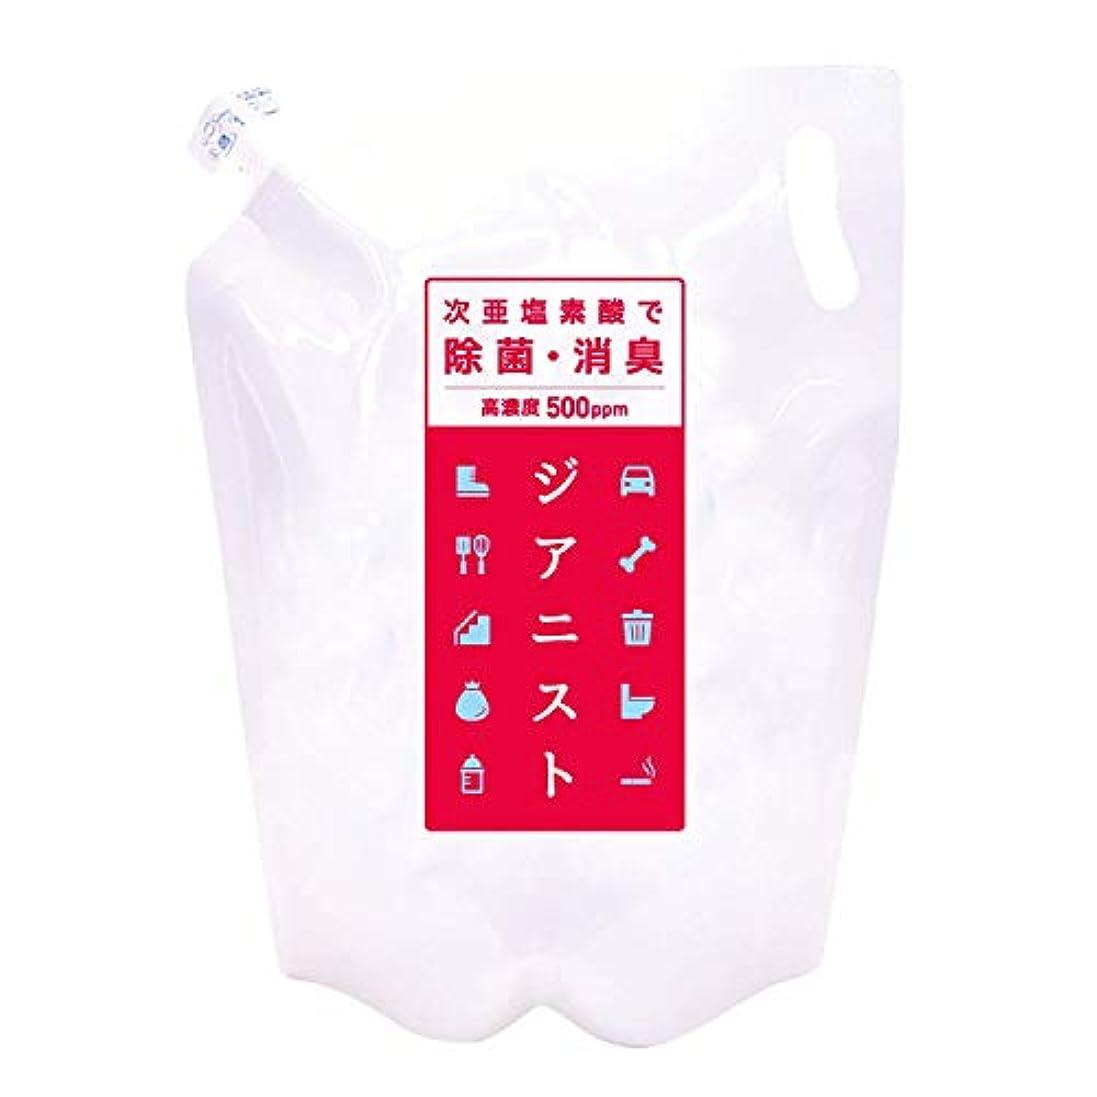 織る恐ろしい均等に大容量 2500mL ジアニスト 次亜塩素酸 高濃度 500ppm 除菌 消臭